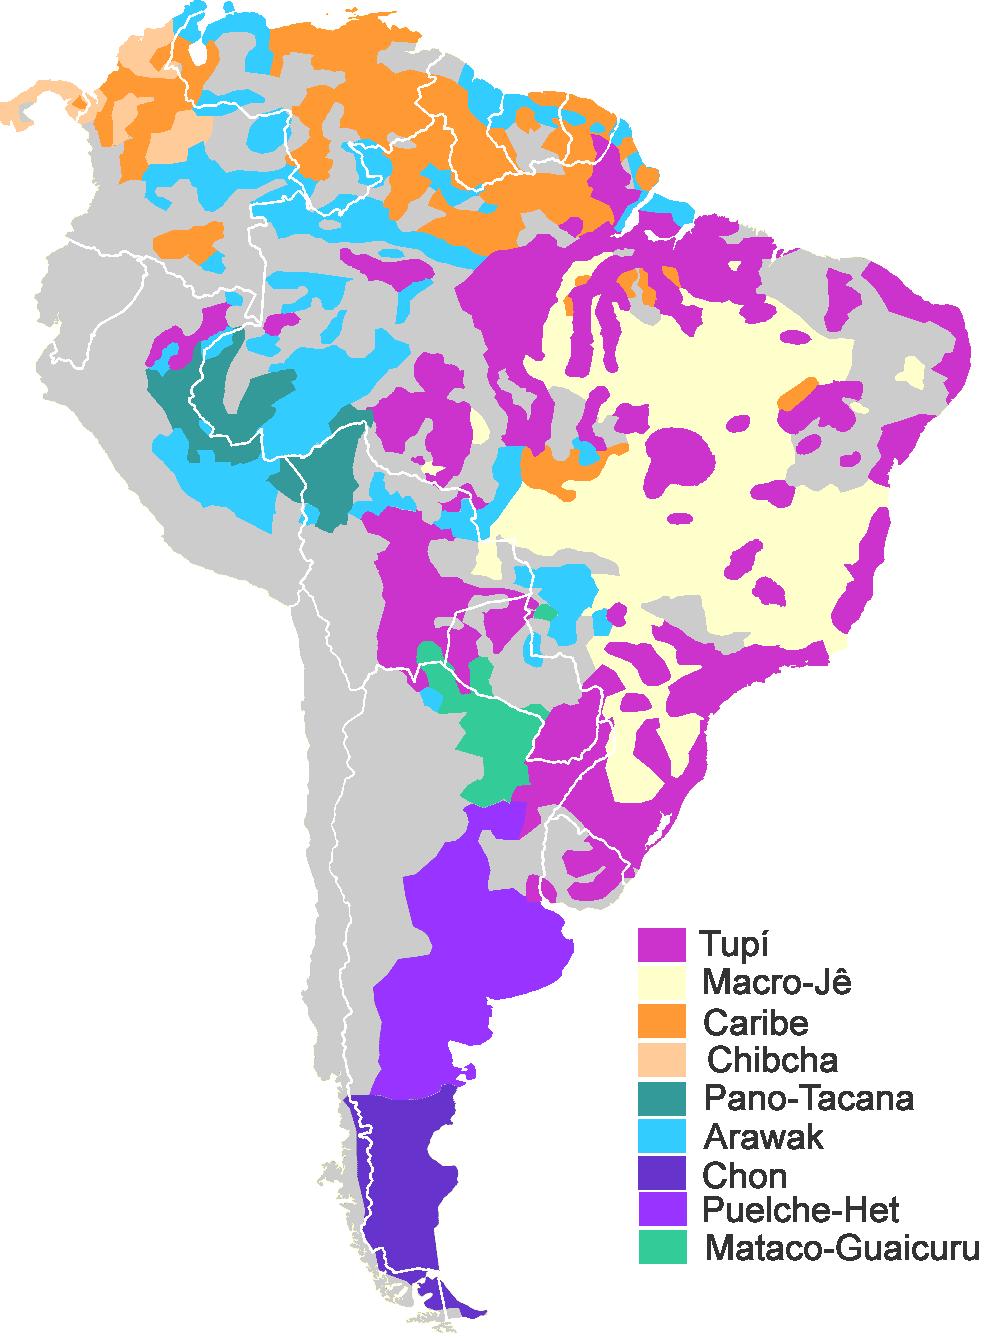 Lenguas Indígenas De América Del Sur Wikipedia La Enciclopedia Libre